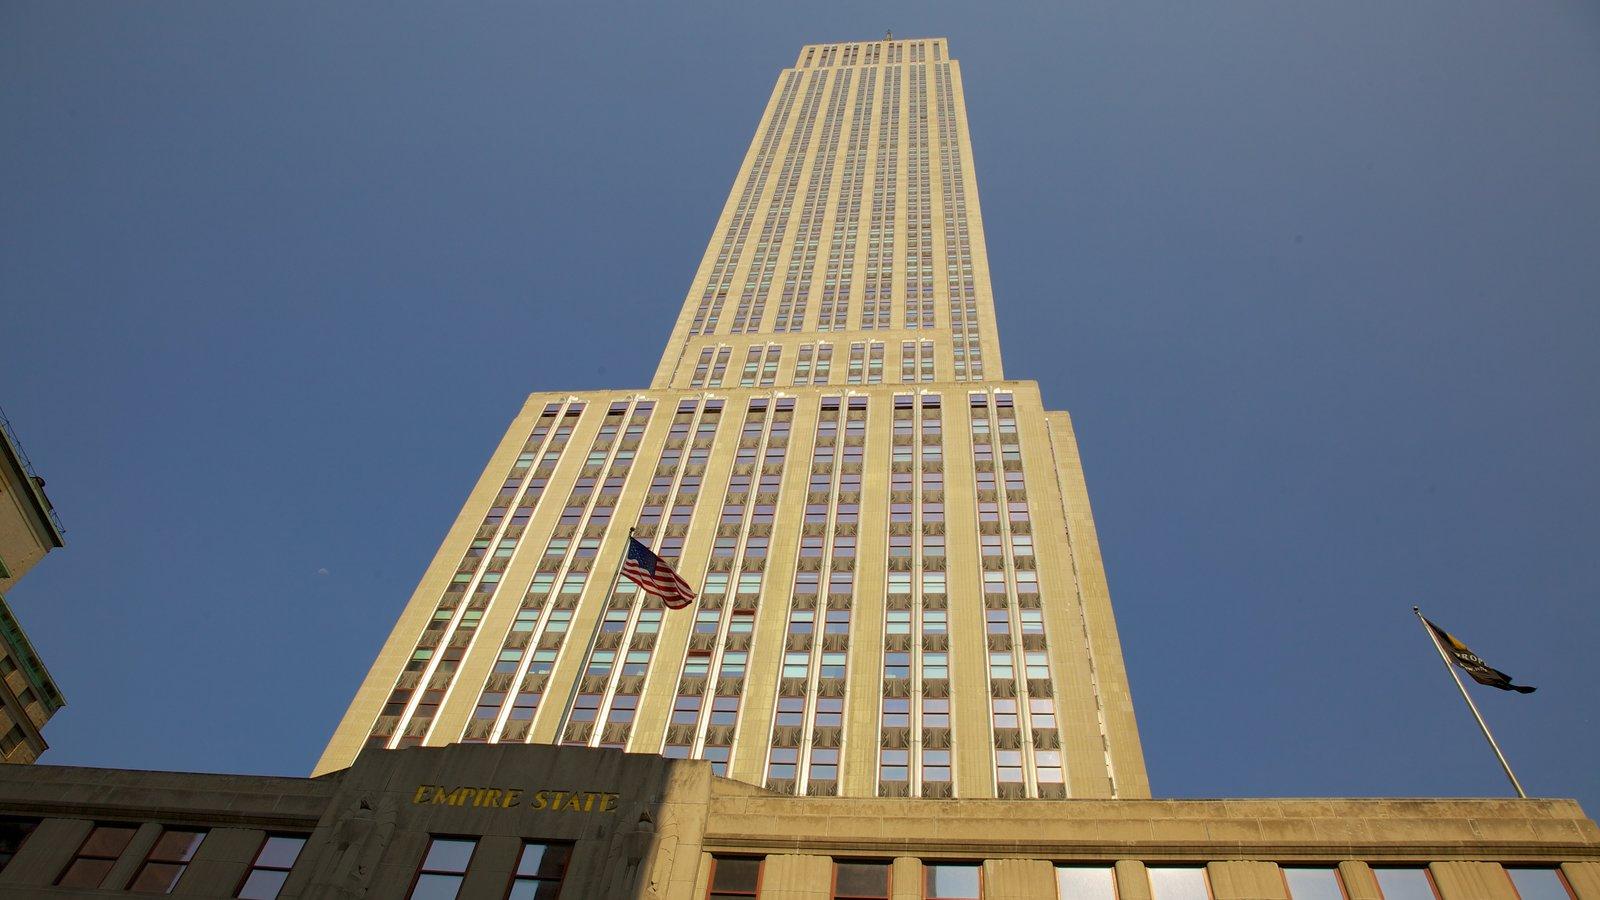 Edificio Empire State que incluye un edificio de gran altura, dfc y una ciudad